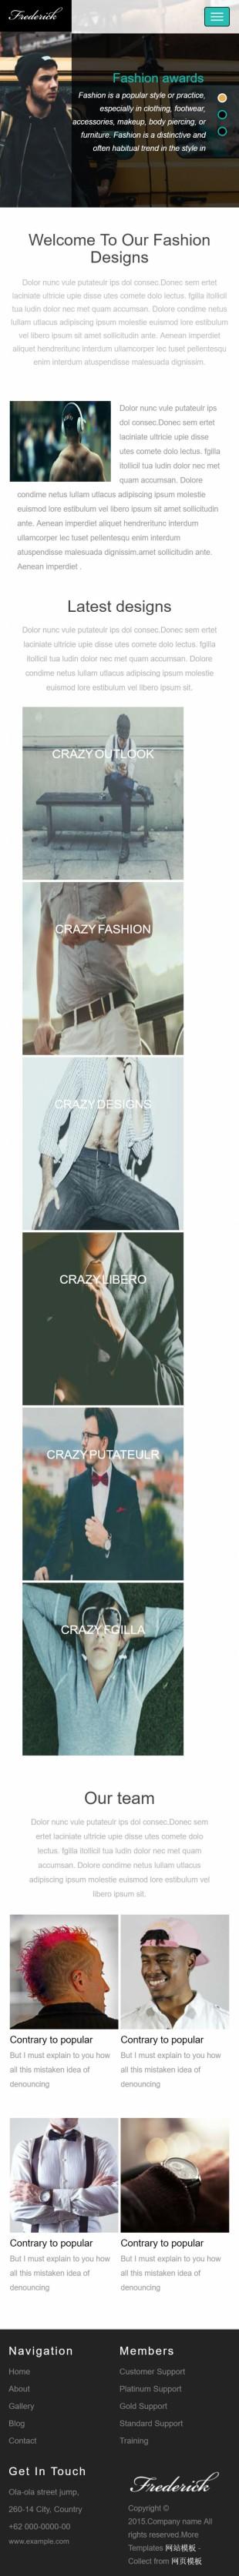 黑色男装休闲服饰企业英文模板网站制作手机图片